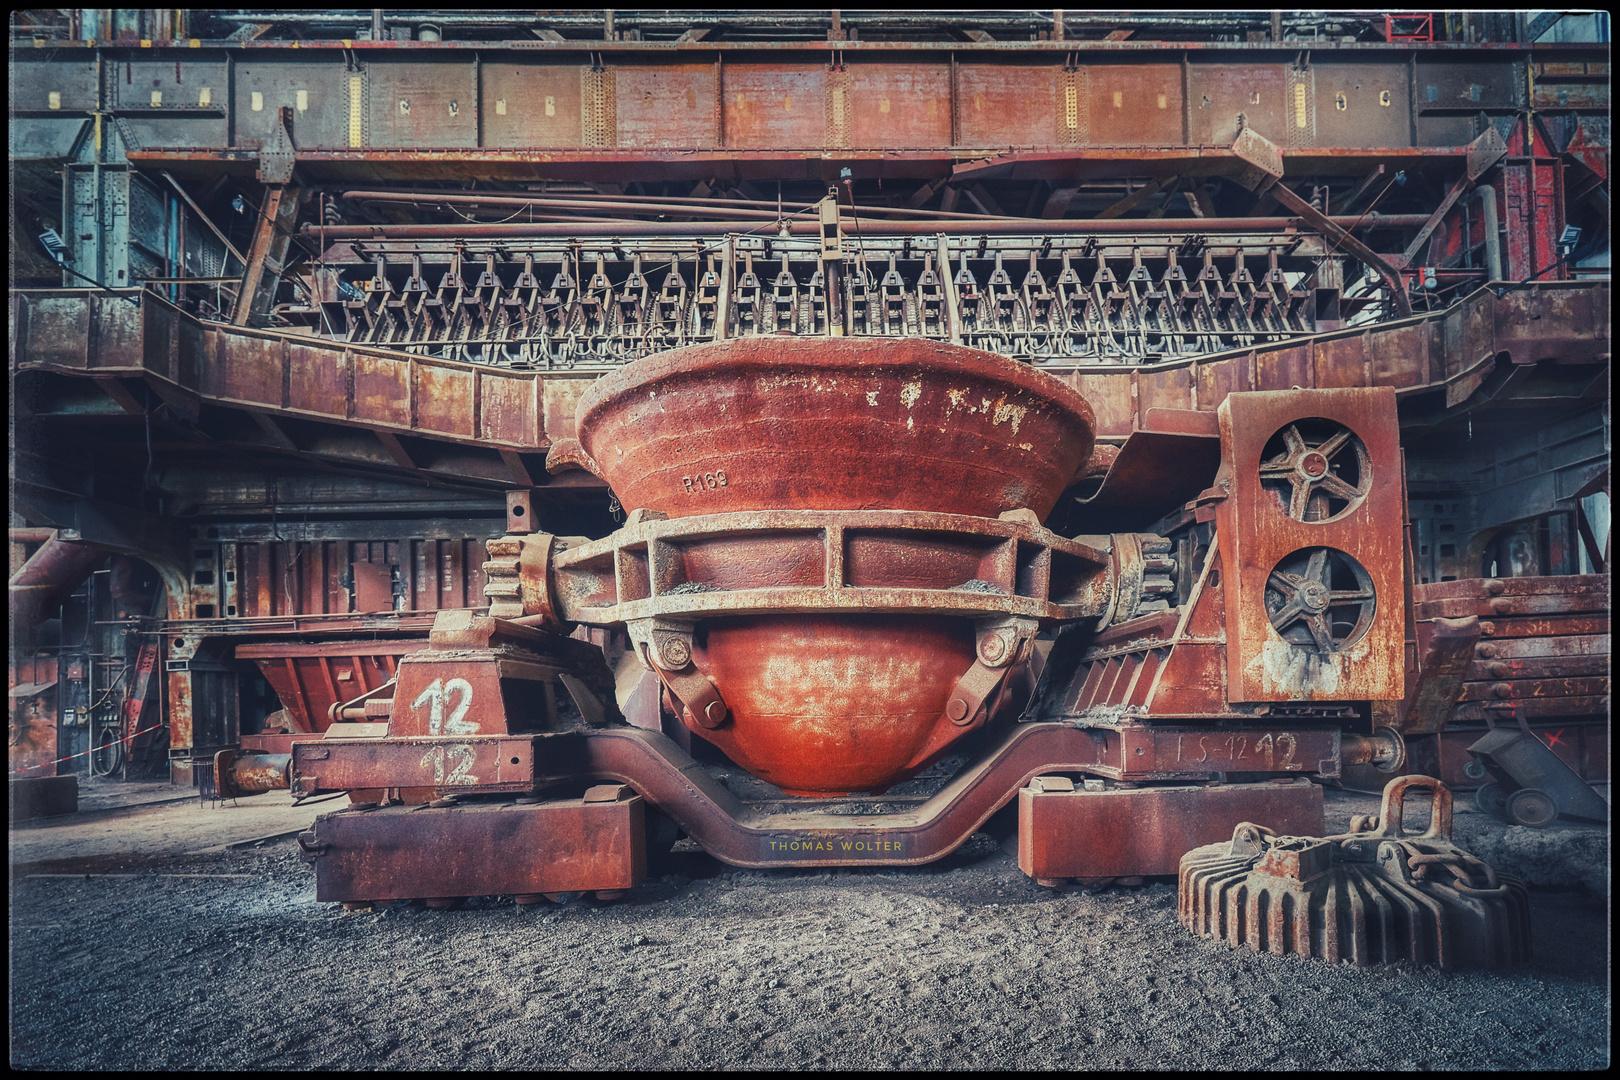 Stahlwerk Brandenburg